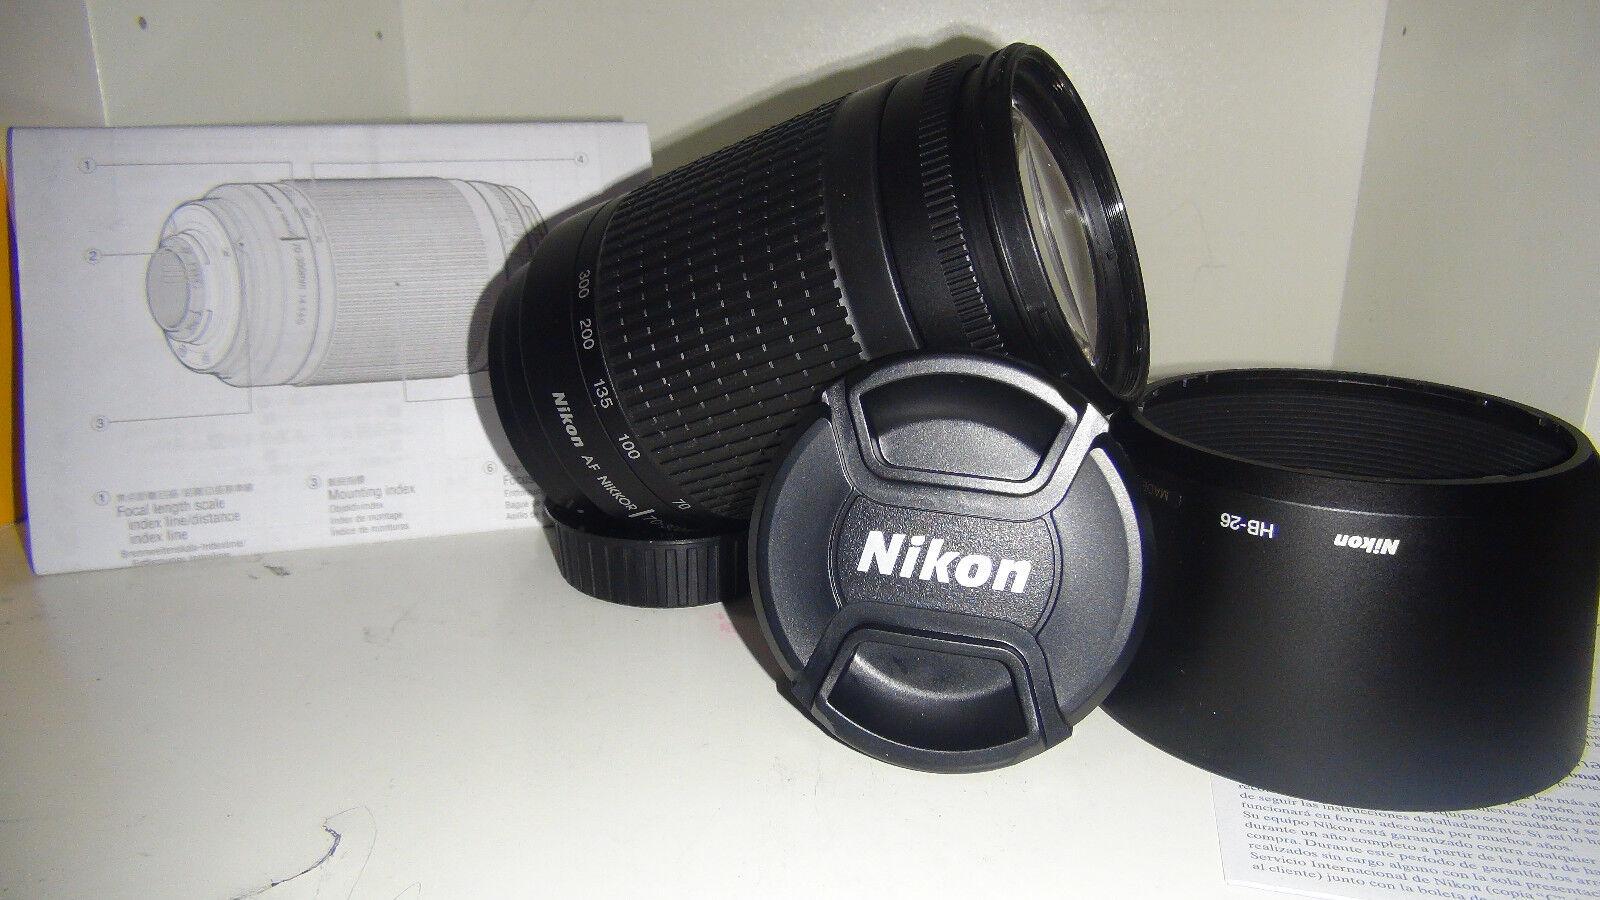 Black Friday Sale 70-300 Nikon Af Zoom Nikkor 70-300mm f/4-5.6G Lens + Hood